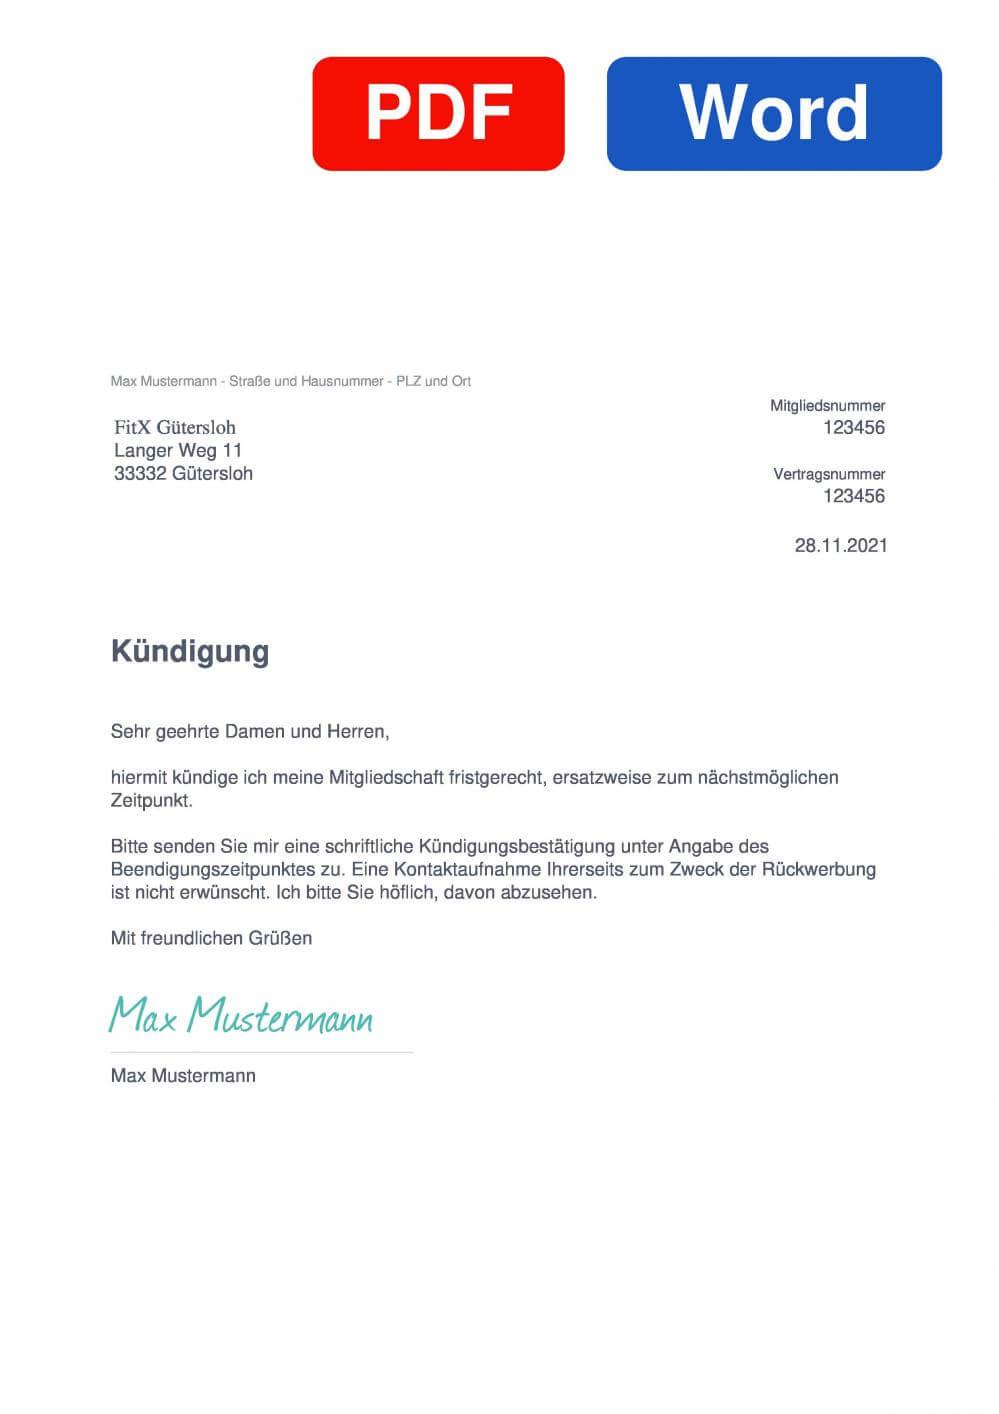 FitX Gütersloh Muster Vorlage für Kündigungsschreiben